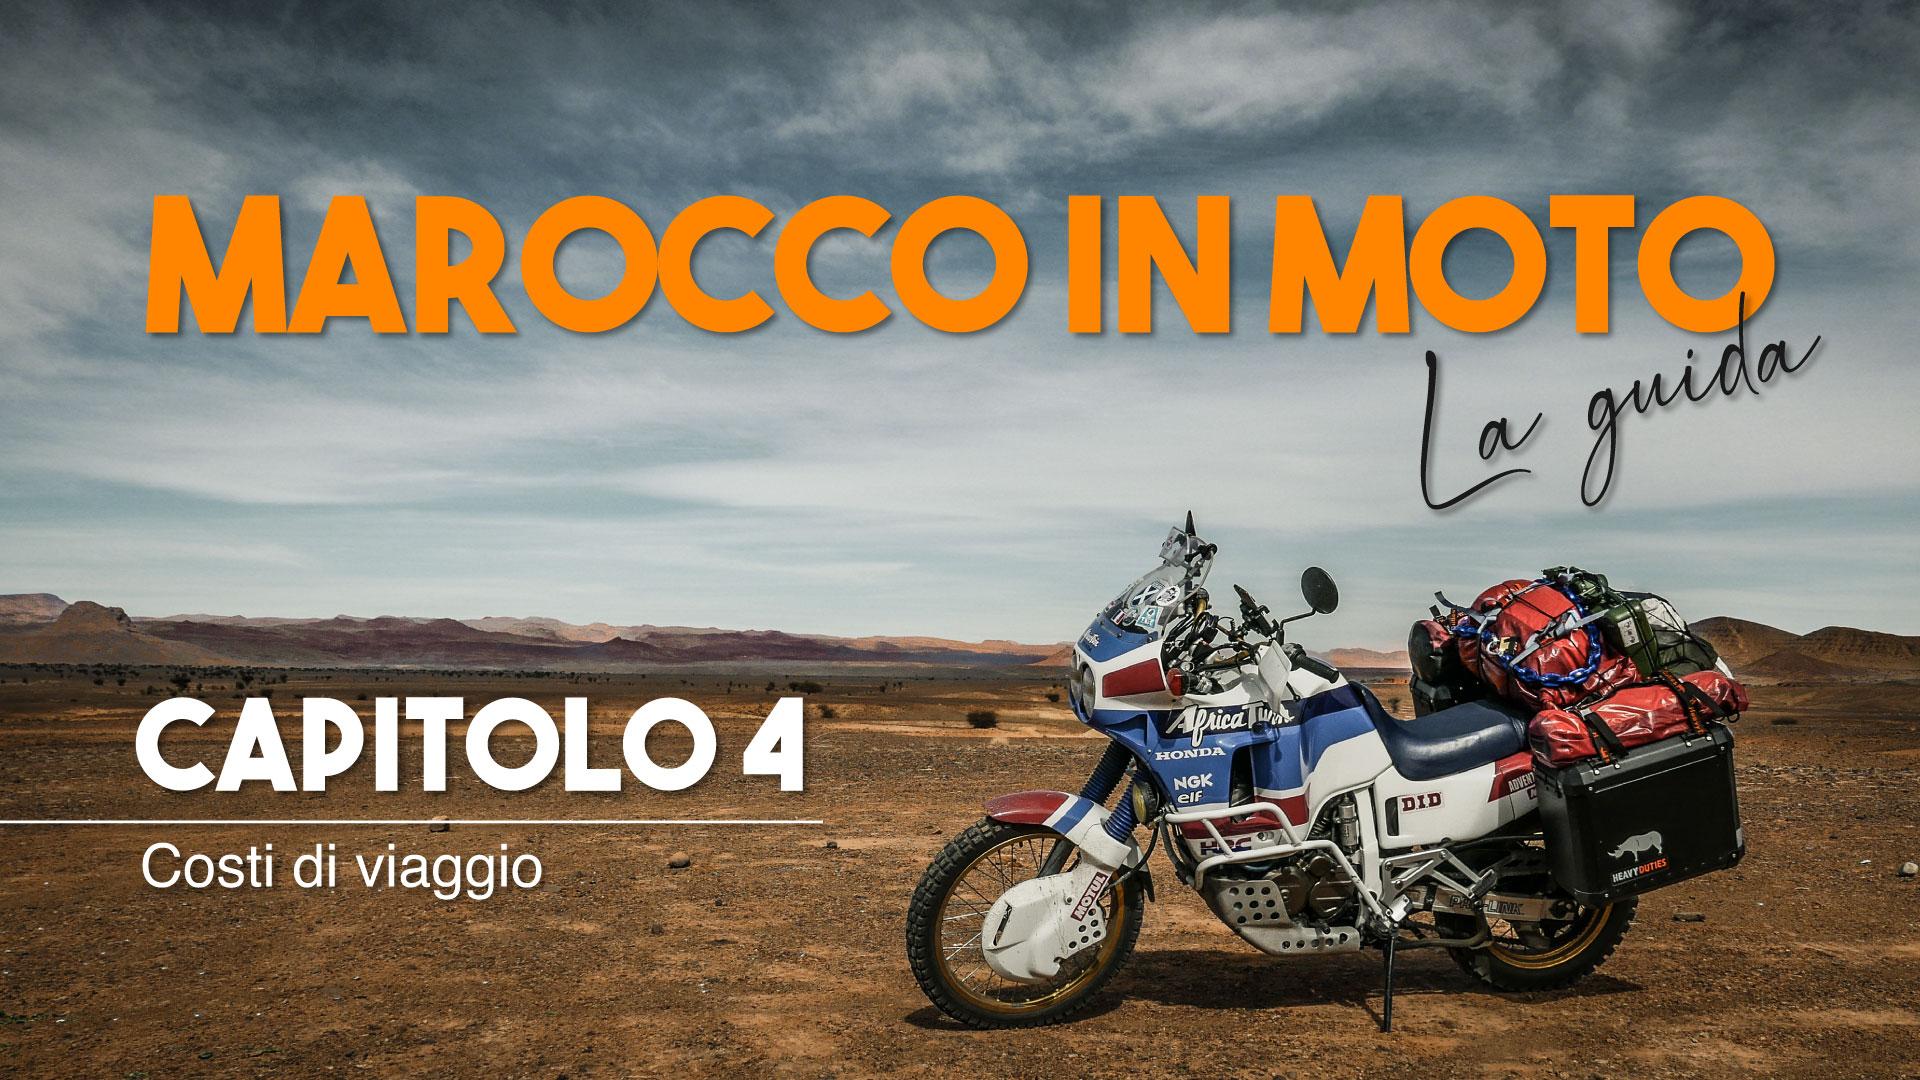 marocco-in-moto-capitolo-4-costi-di-viaggio